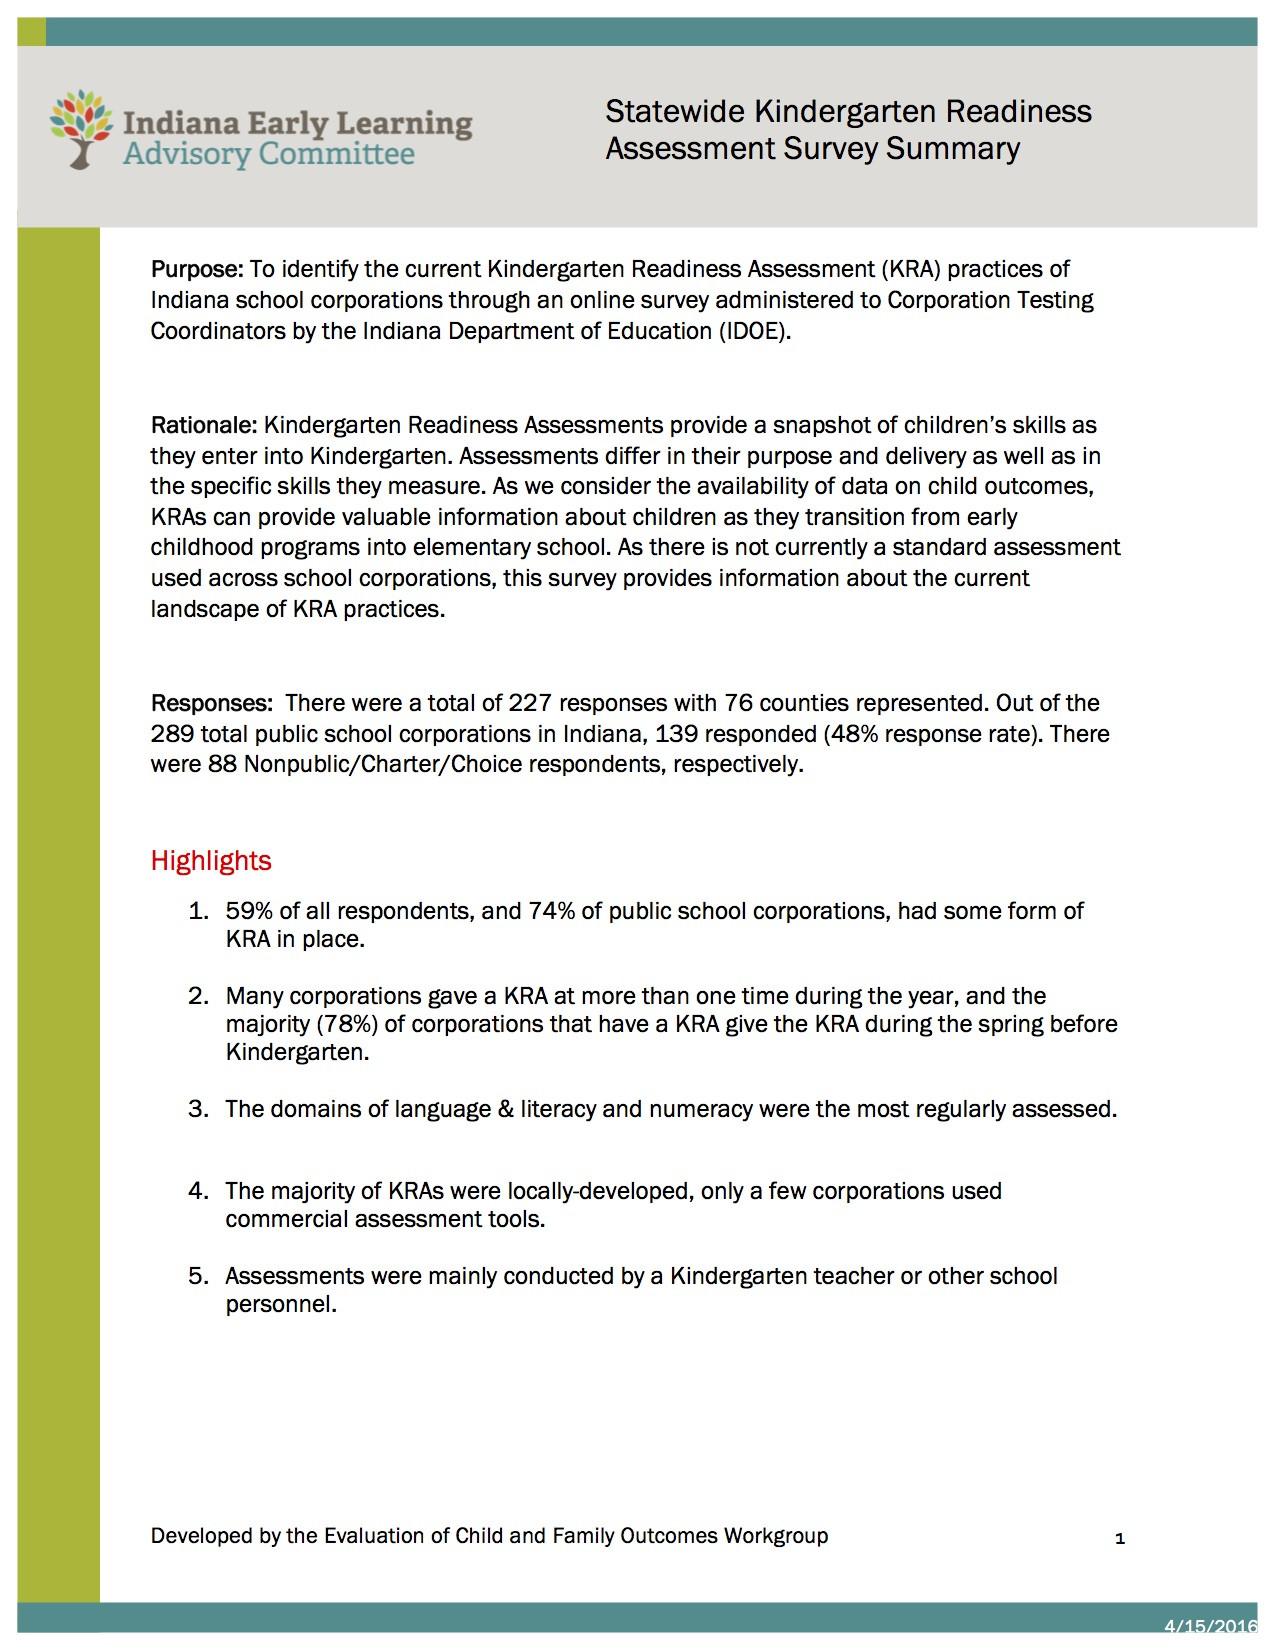 Free Printable Keyboarding Worksheets Blank Puter Keyboard Worksheet